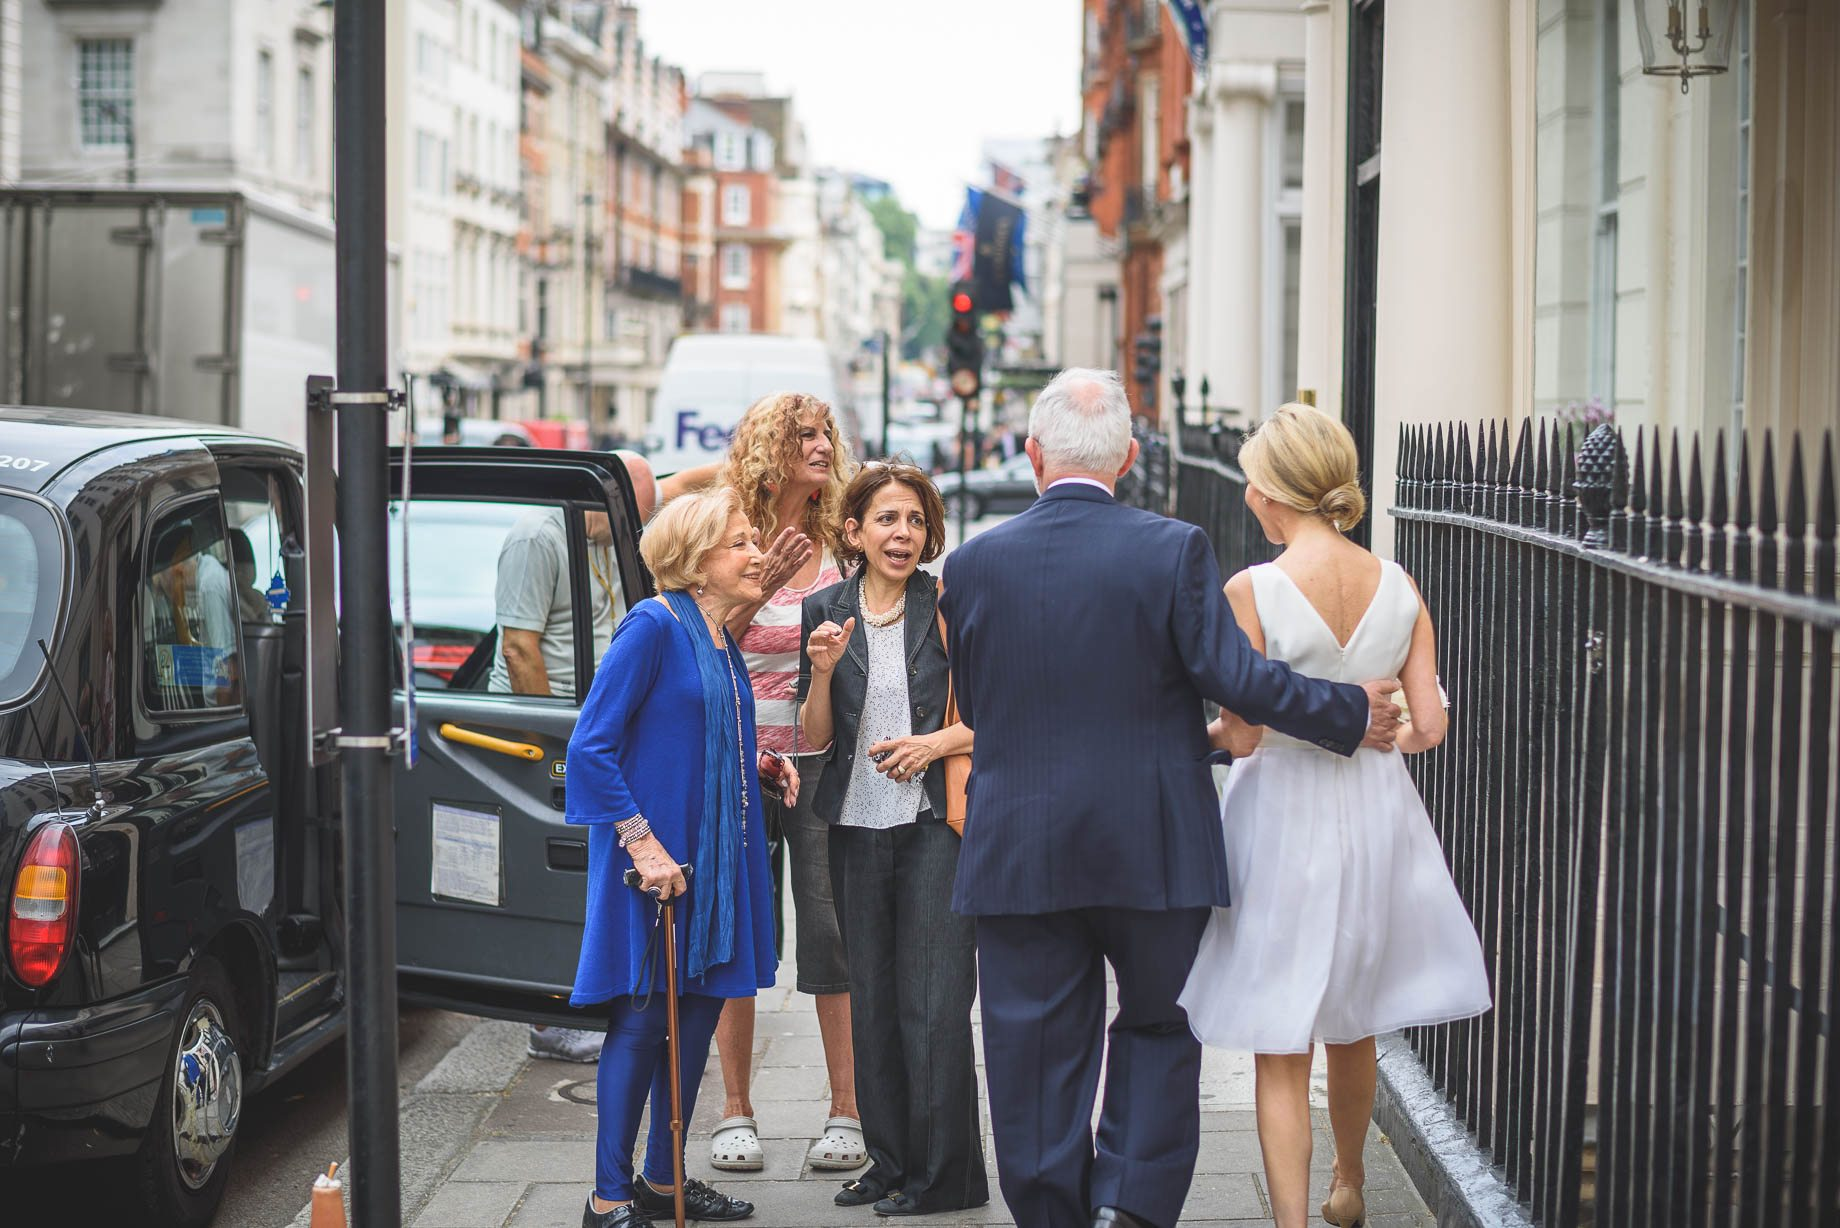 Mayfair wedding photography - Allison and Eugene (61 of 94)